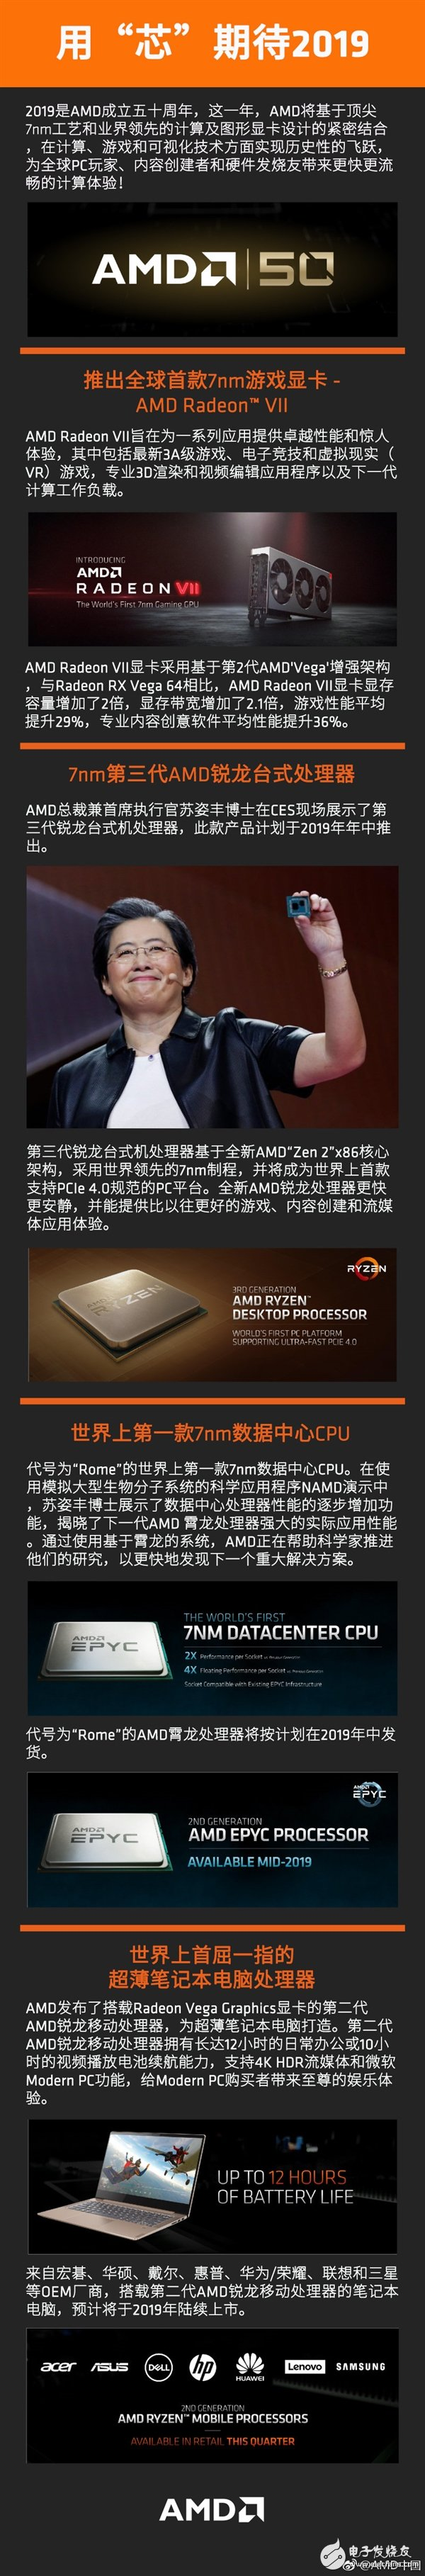 AMD中国宣布今年7nm工艺将实现历史性的飞跃